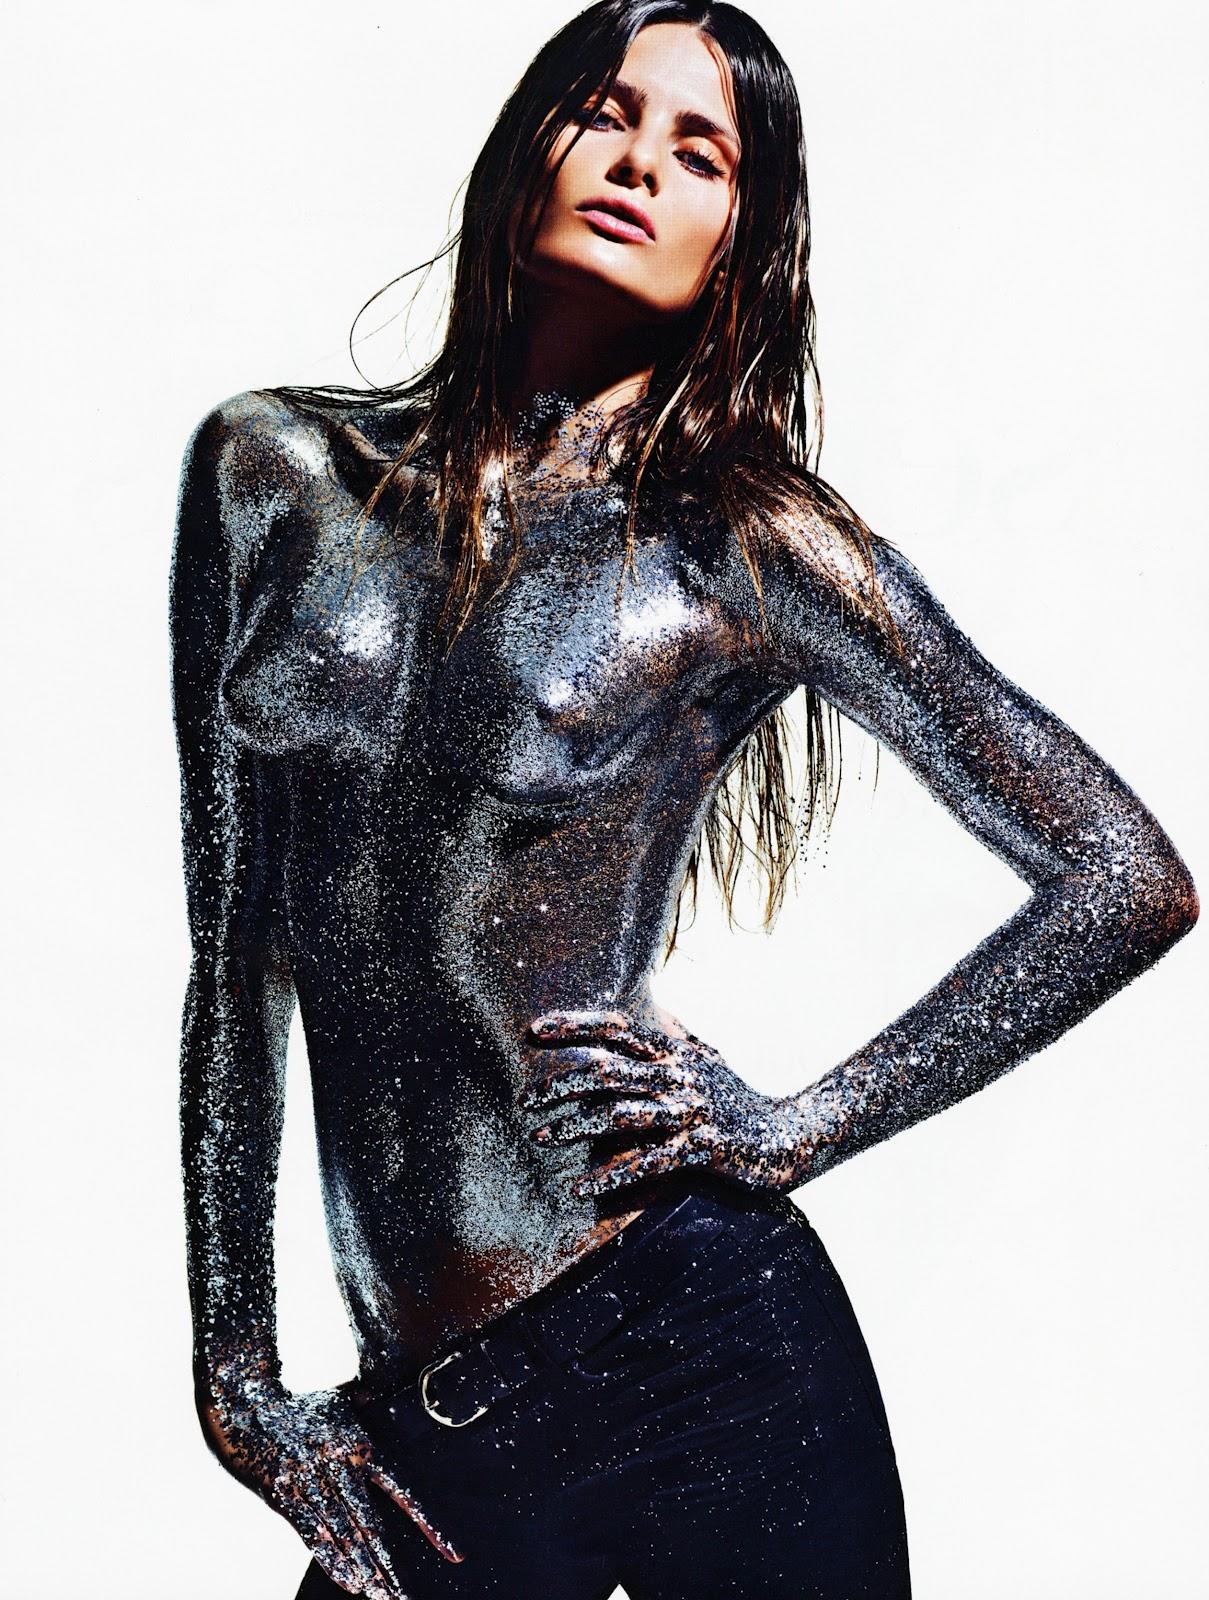 http://4.bp.blogspot.com/-dwMk9NBqIfE/UA7qA_nJREI/AAAAAAAADxU/OkudD2uLsH8/s1600/072412+French+Vogue+%25282%2529.jpg